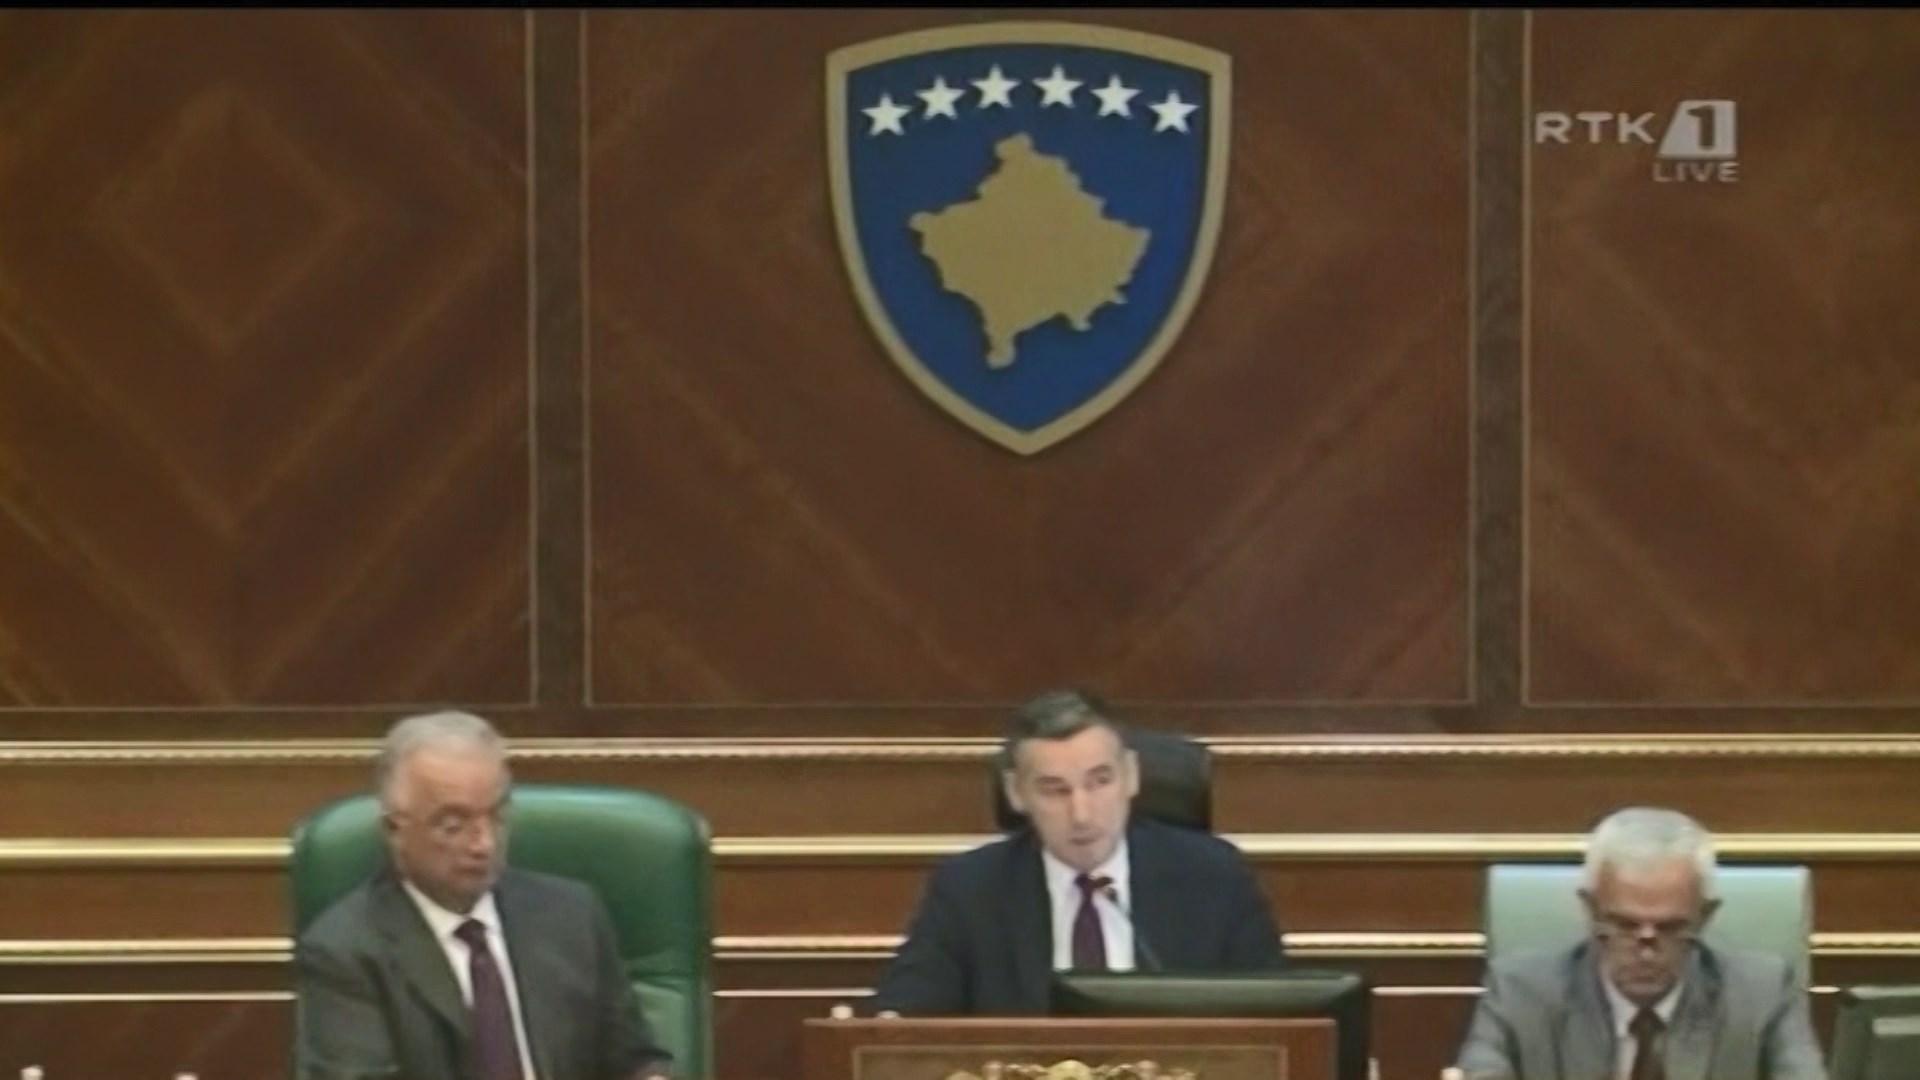 Miratohet rezoluta për unifikimin e pikave doganore Kosovë-Shqipëri